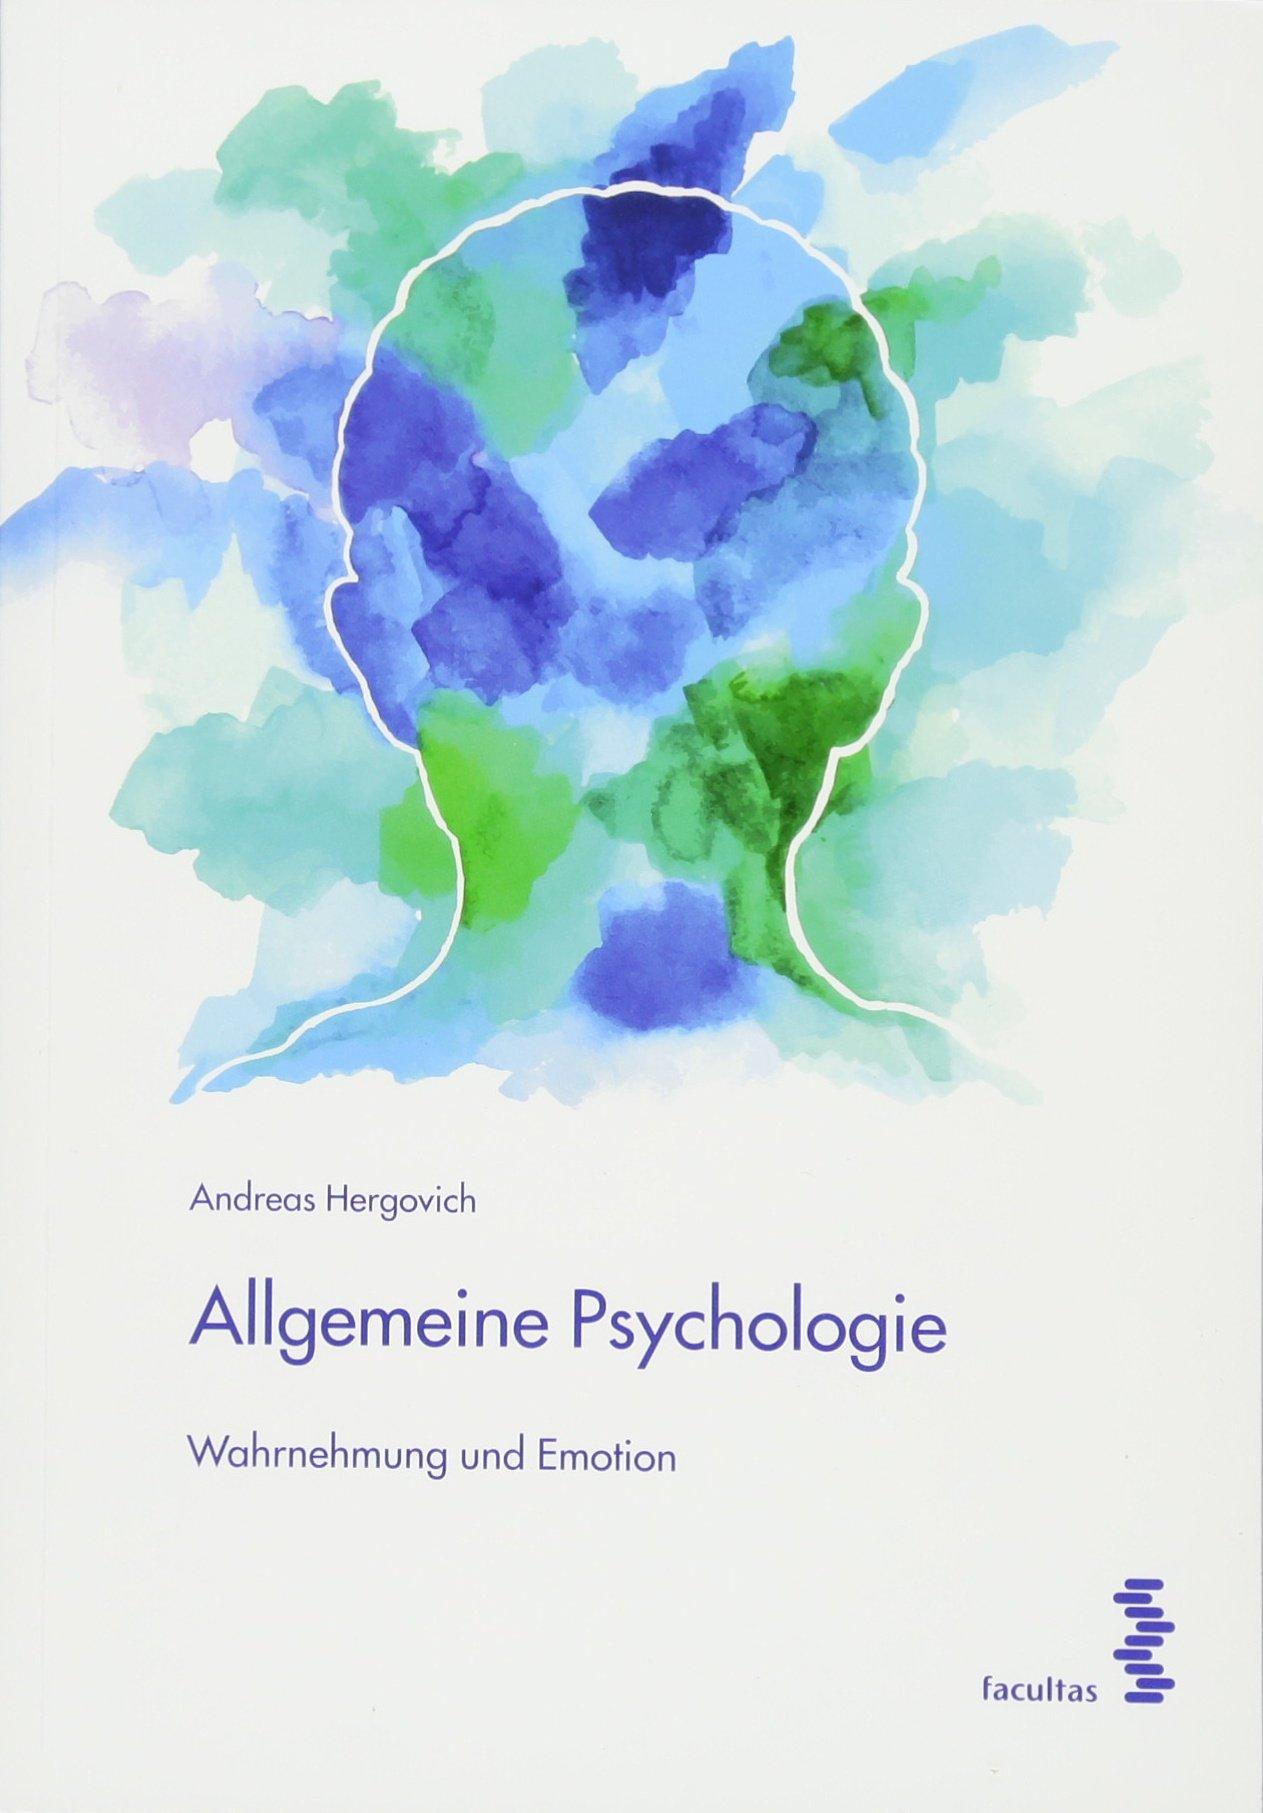 Allgemeine Psychologie: Wahrnehmung und Emotion